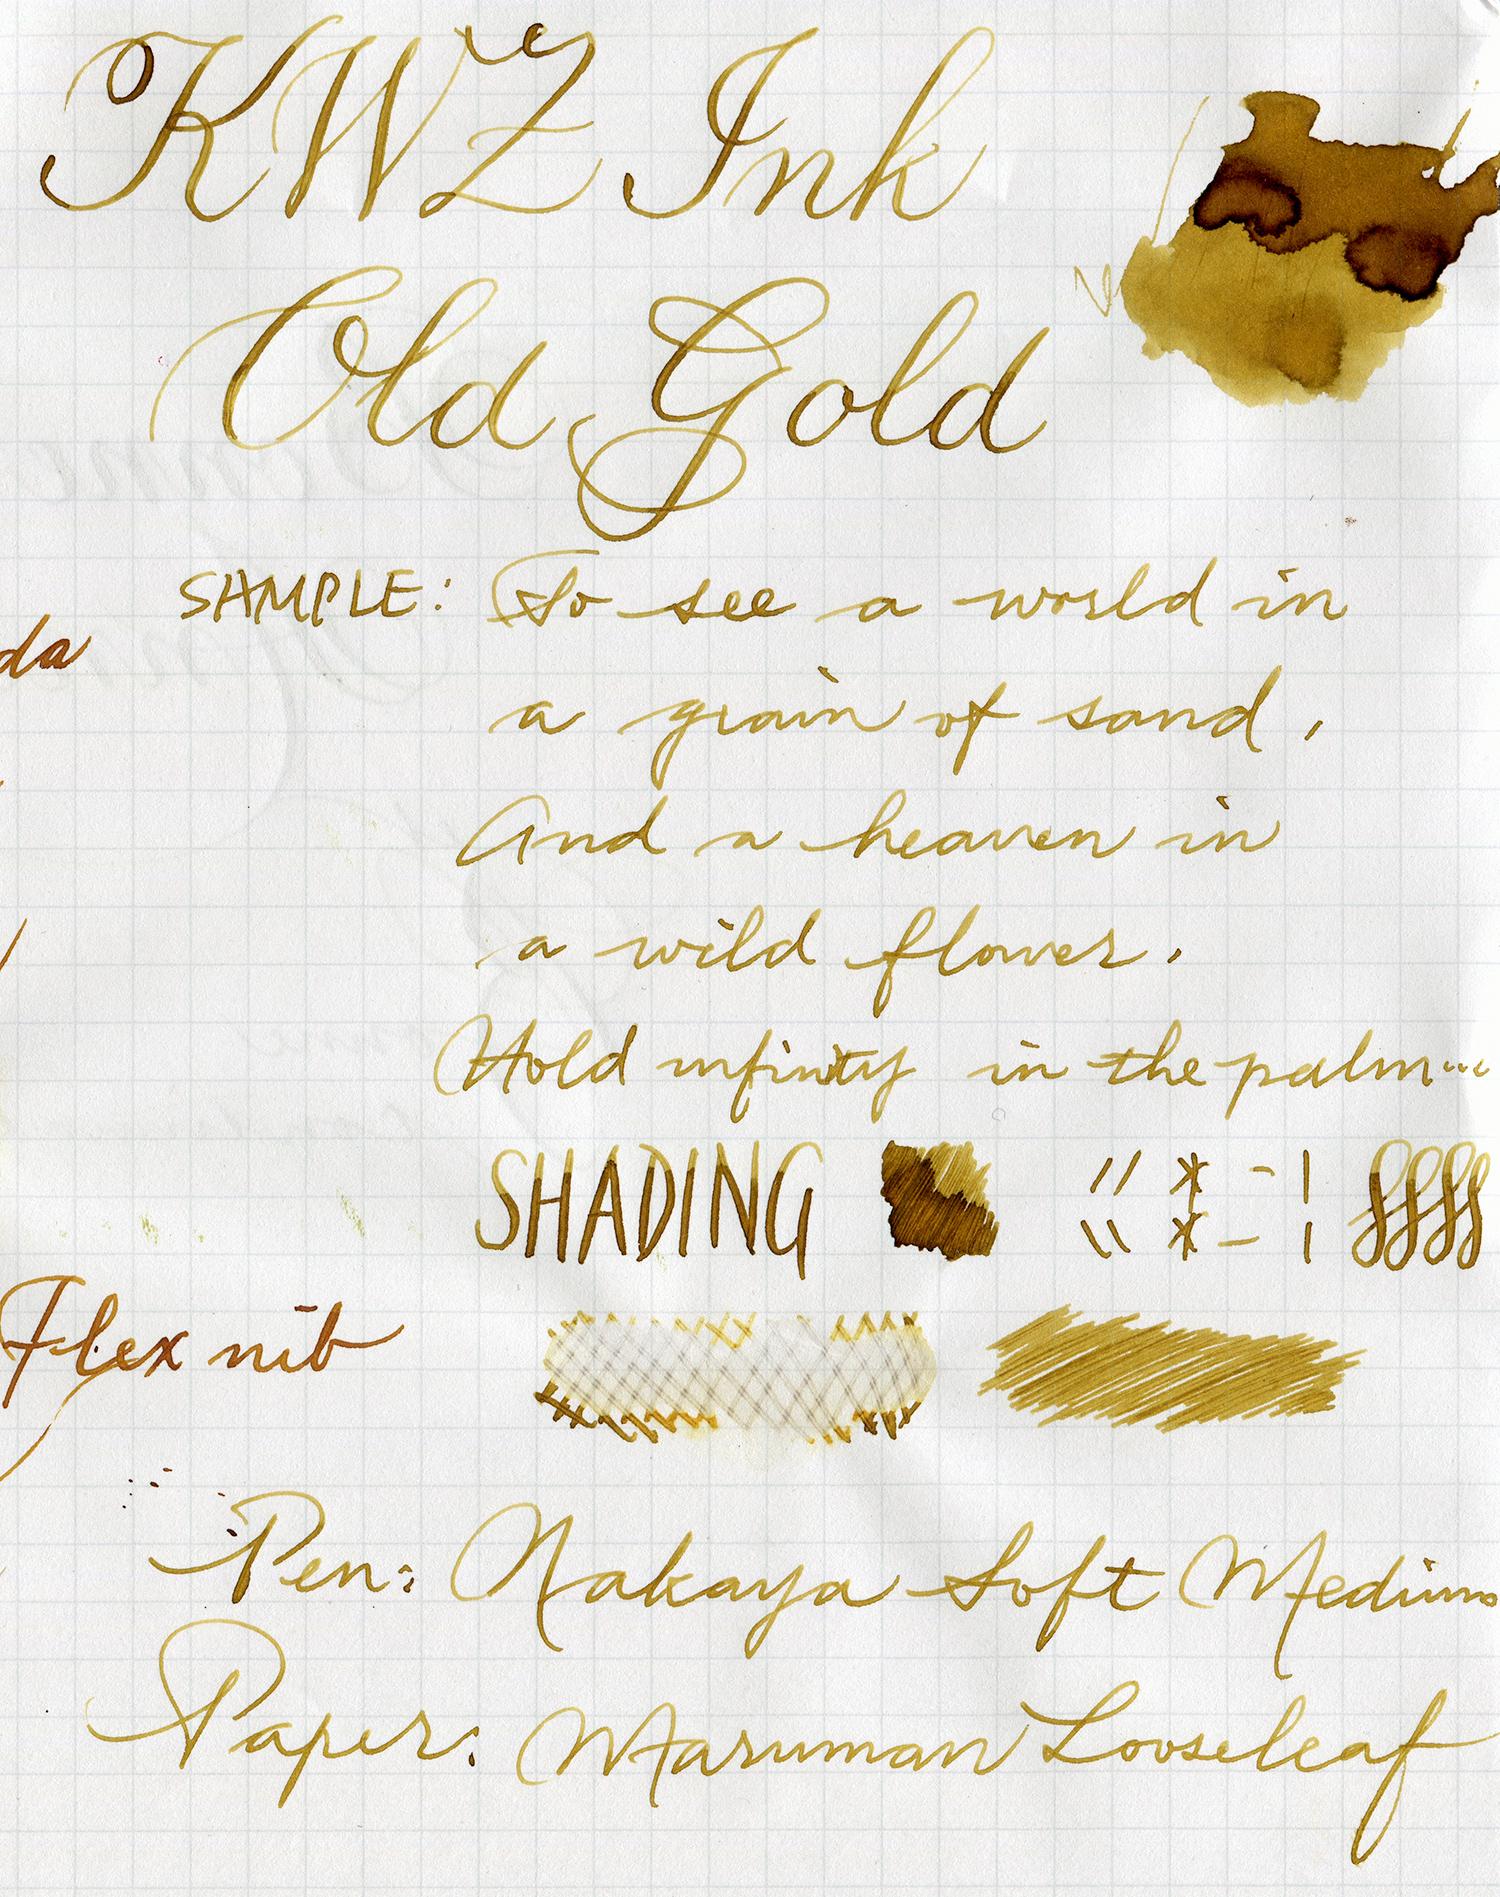 fpn_1452669608__kwzi-old-gold.jpg